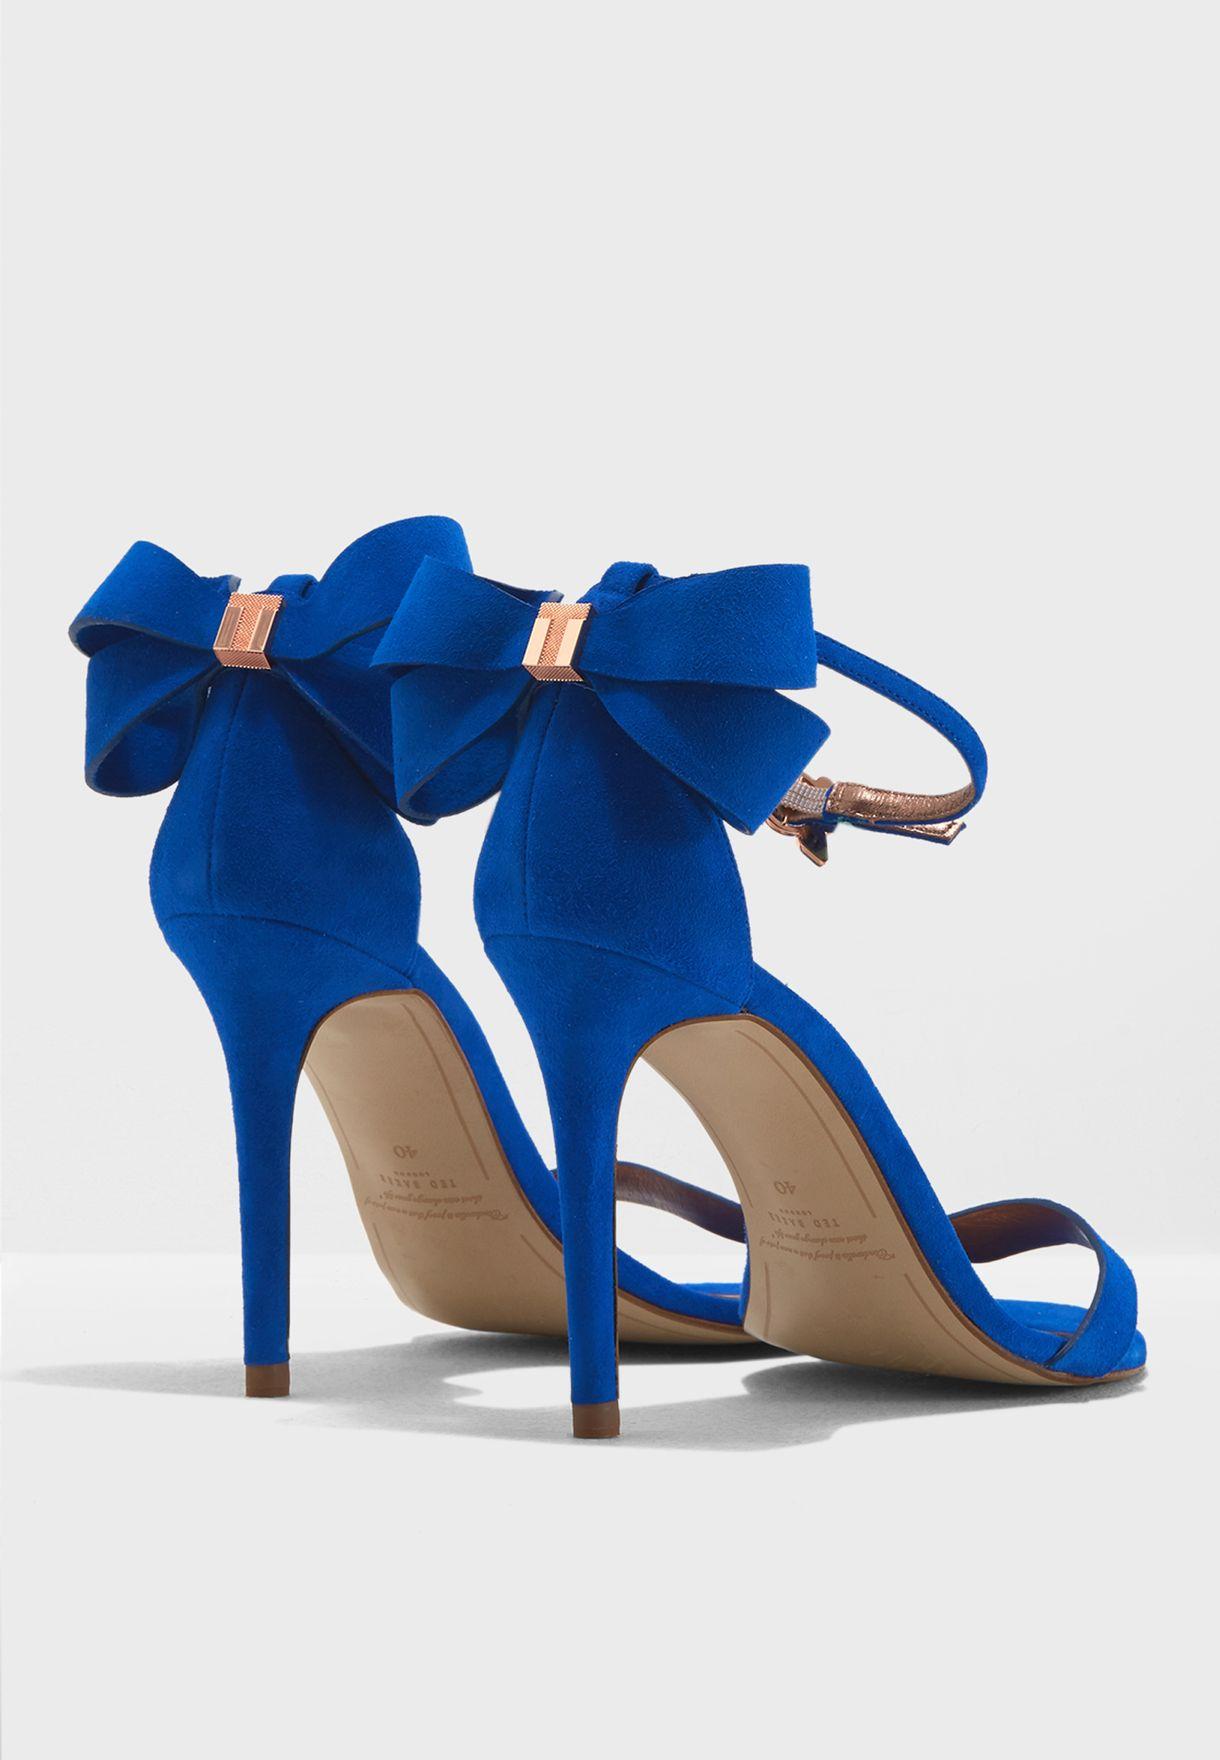 SANDAS Ankle Strap Sandals